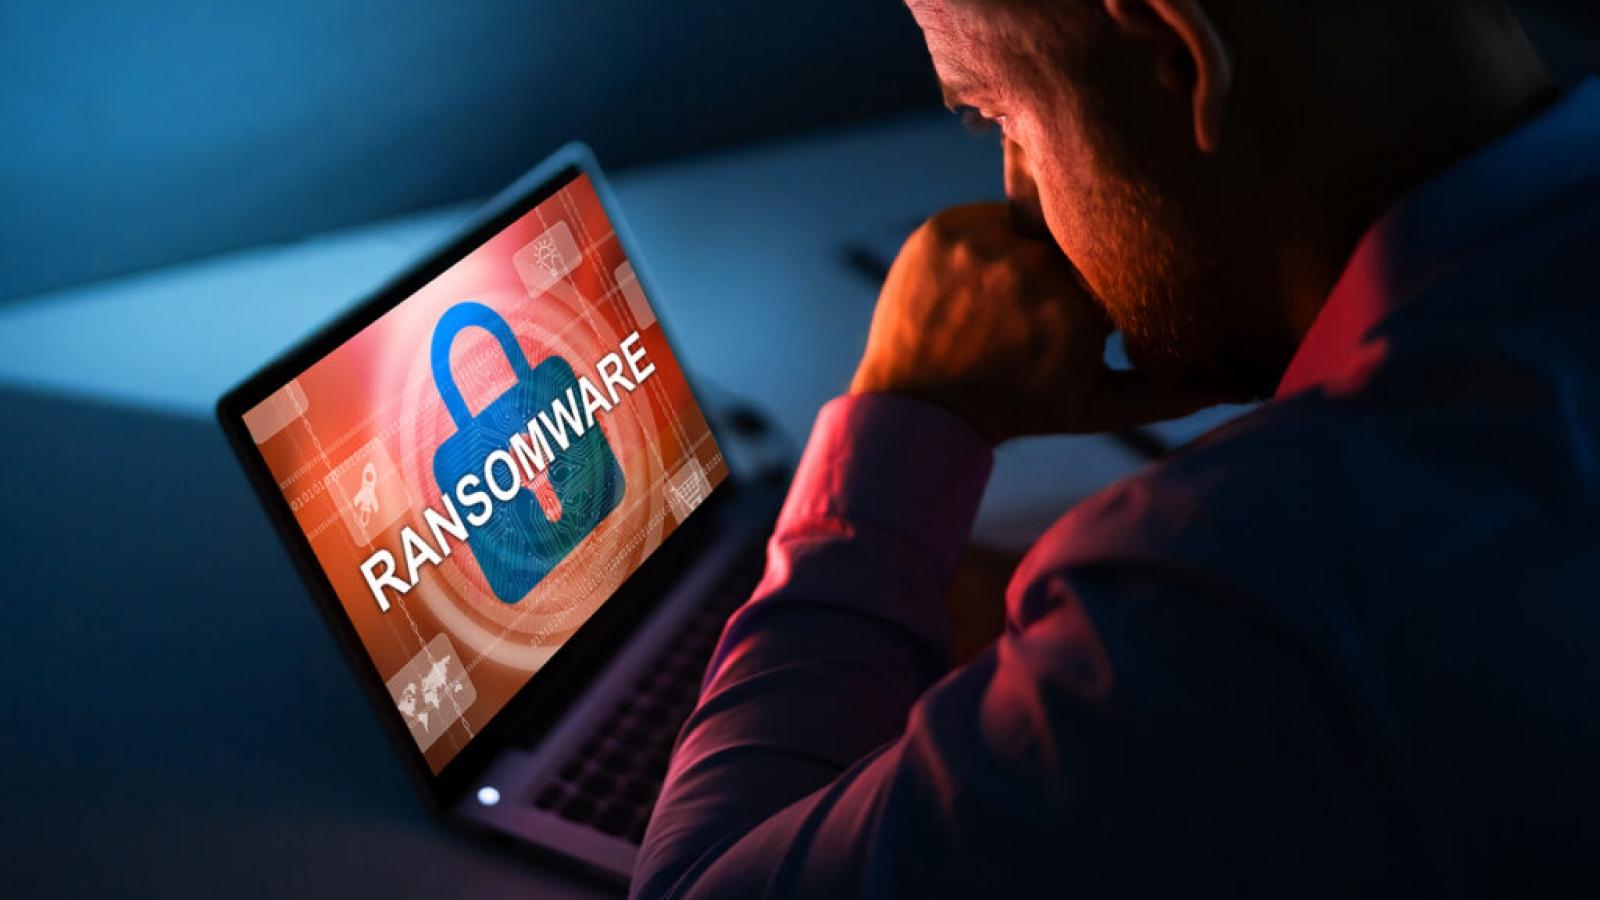 Thêm hàng loạt hệ thống bị phần mềm Ransomware tấn công